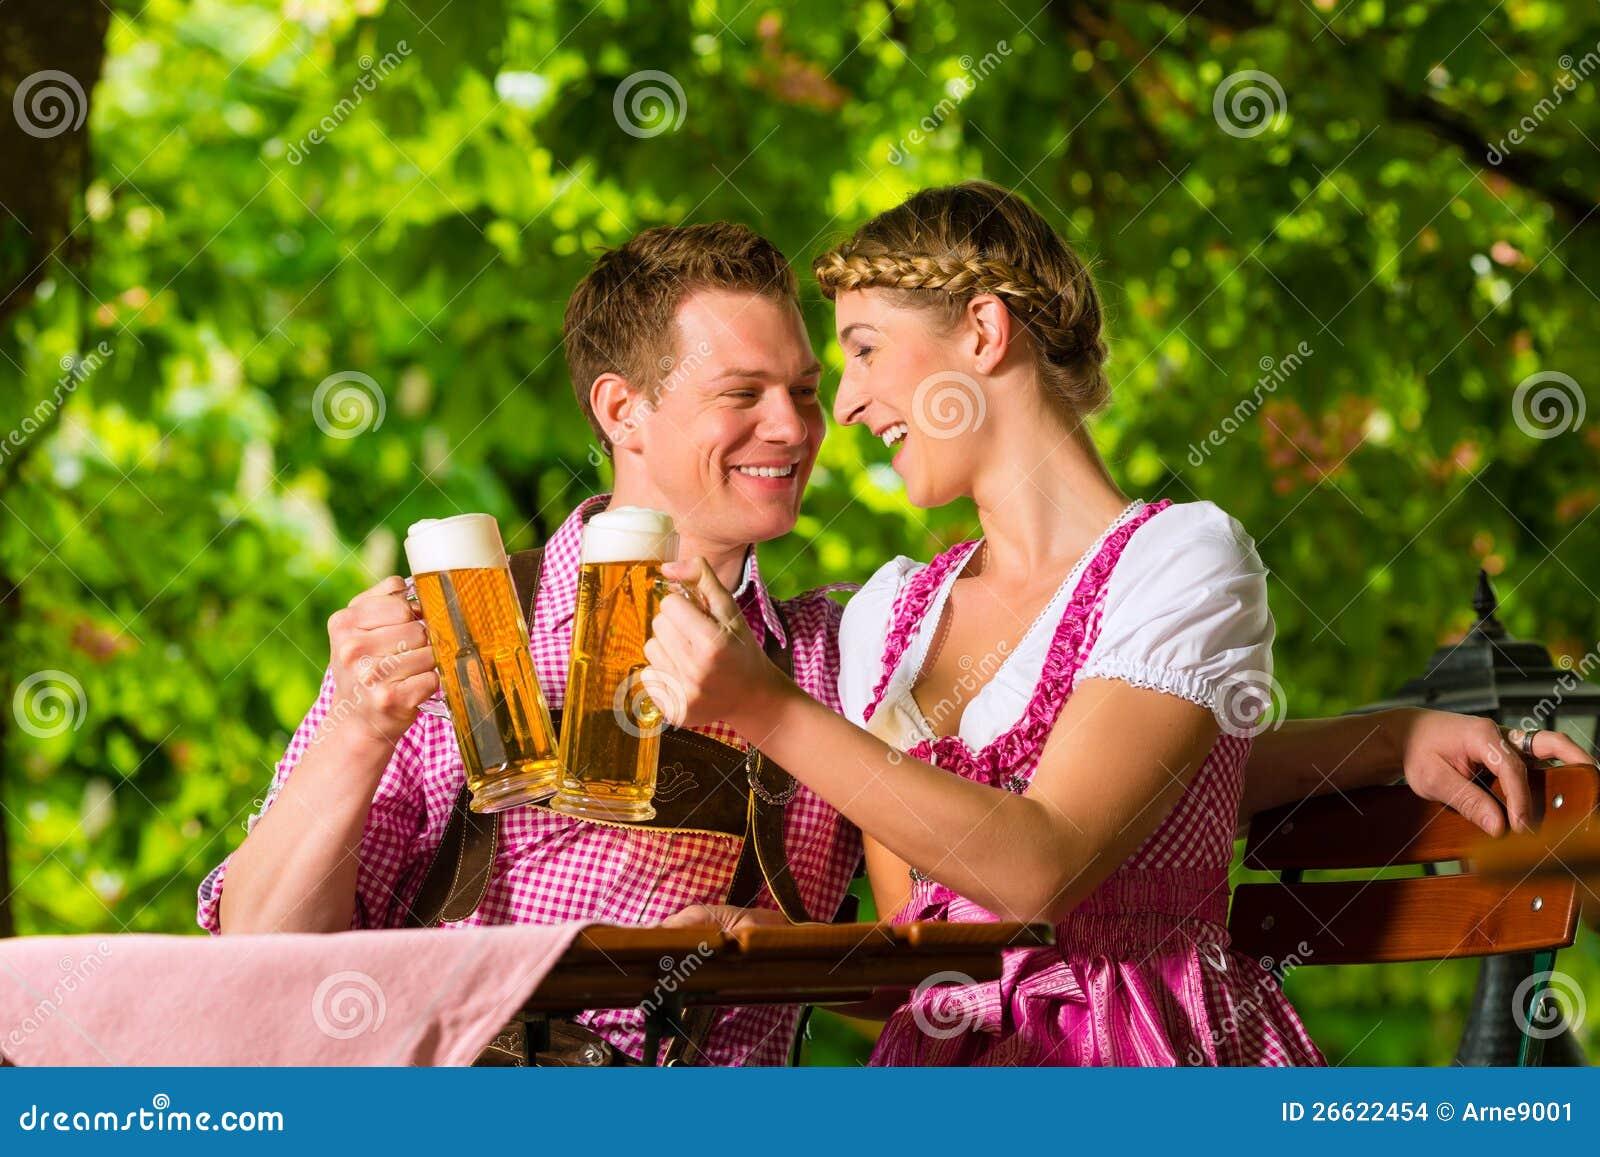 https://thumbs.dreamstime.com/z/happy-couple-beer-garden-drinking-beer-26622454.jpg